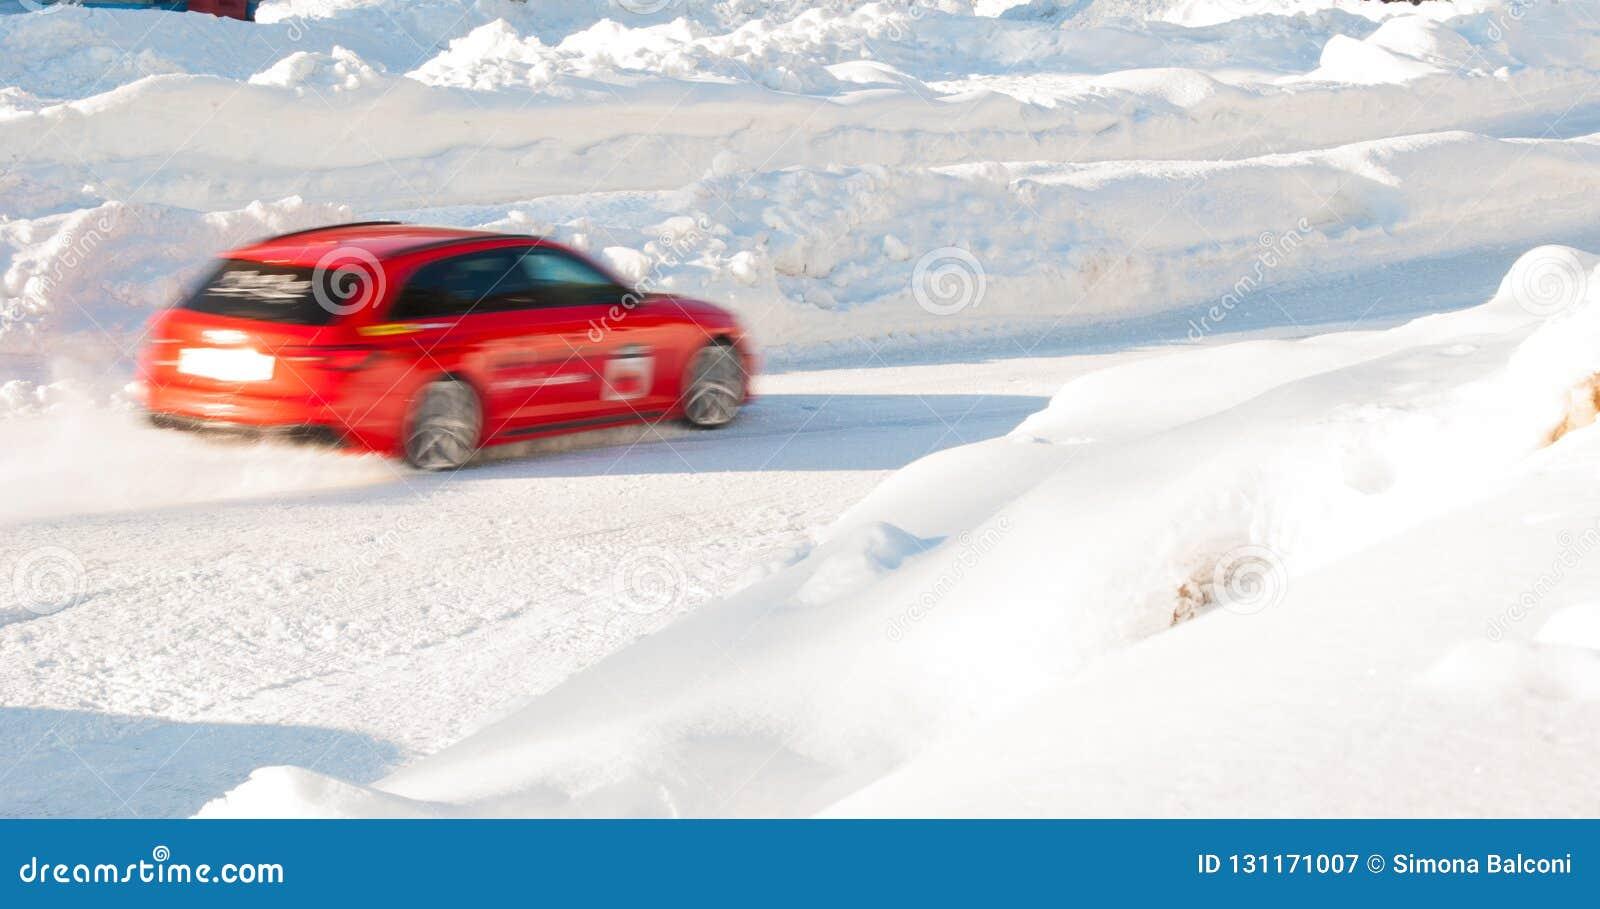 Κόκκινο αυτοκίνητο κατά τη διάρκεια της οδηγώντας δοκιμής στον πάγο